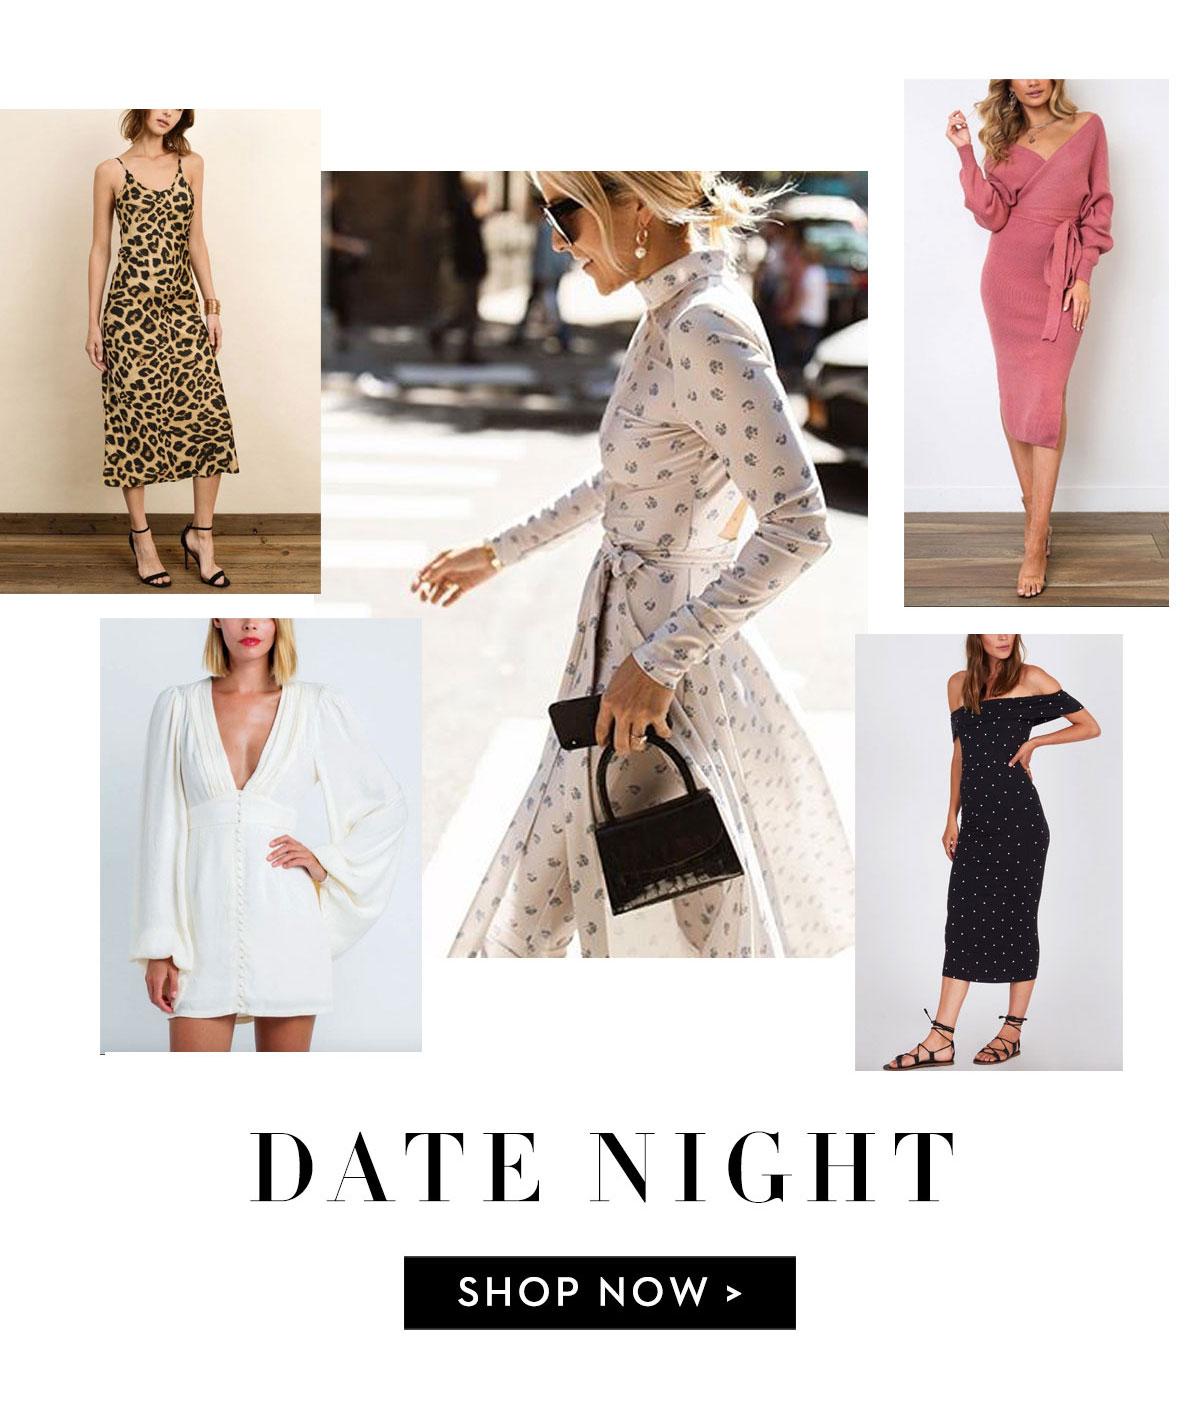 Shop Date Night